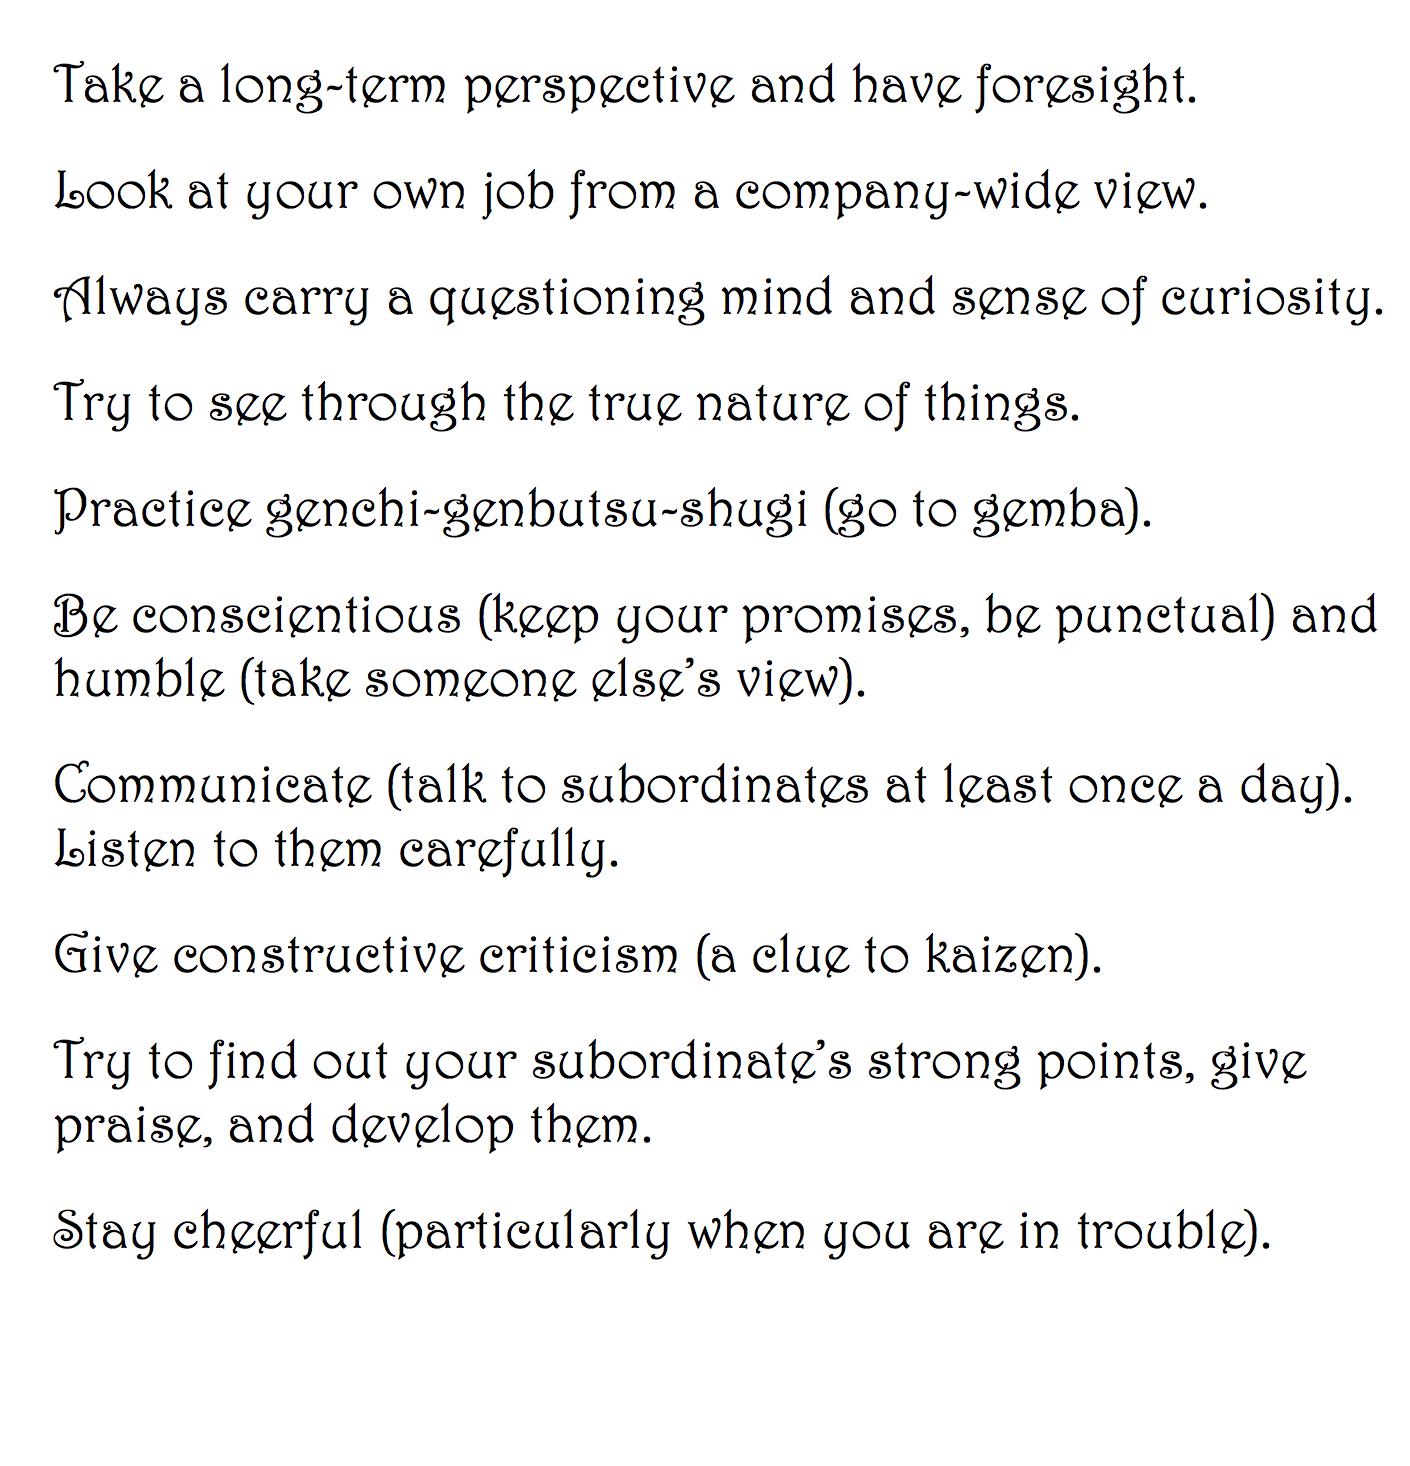 10 Principles for Lean Leadership